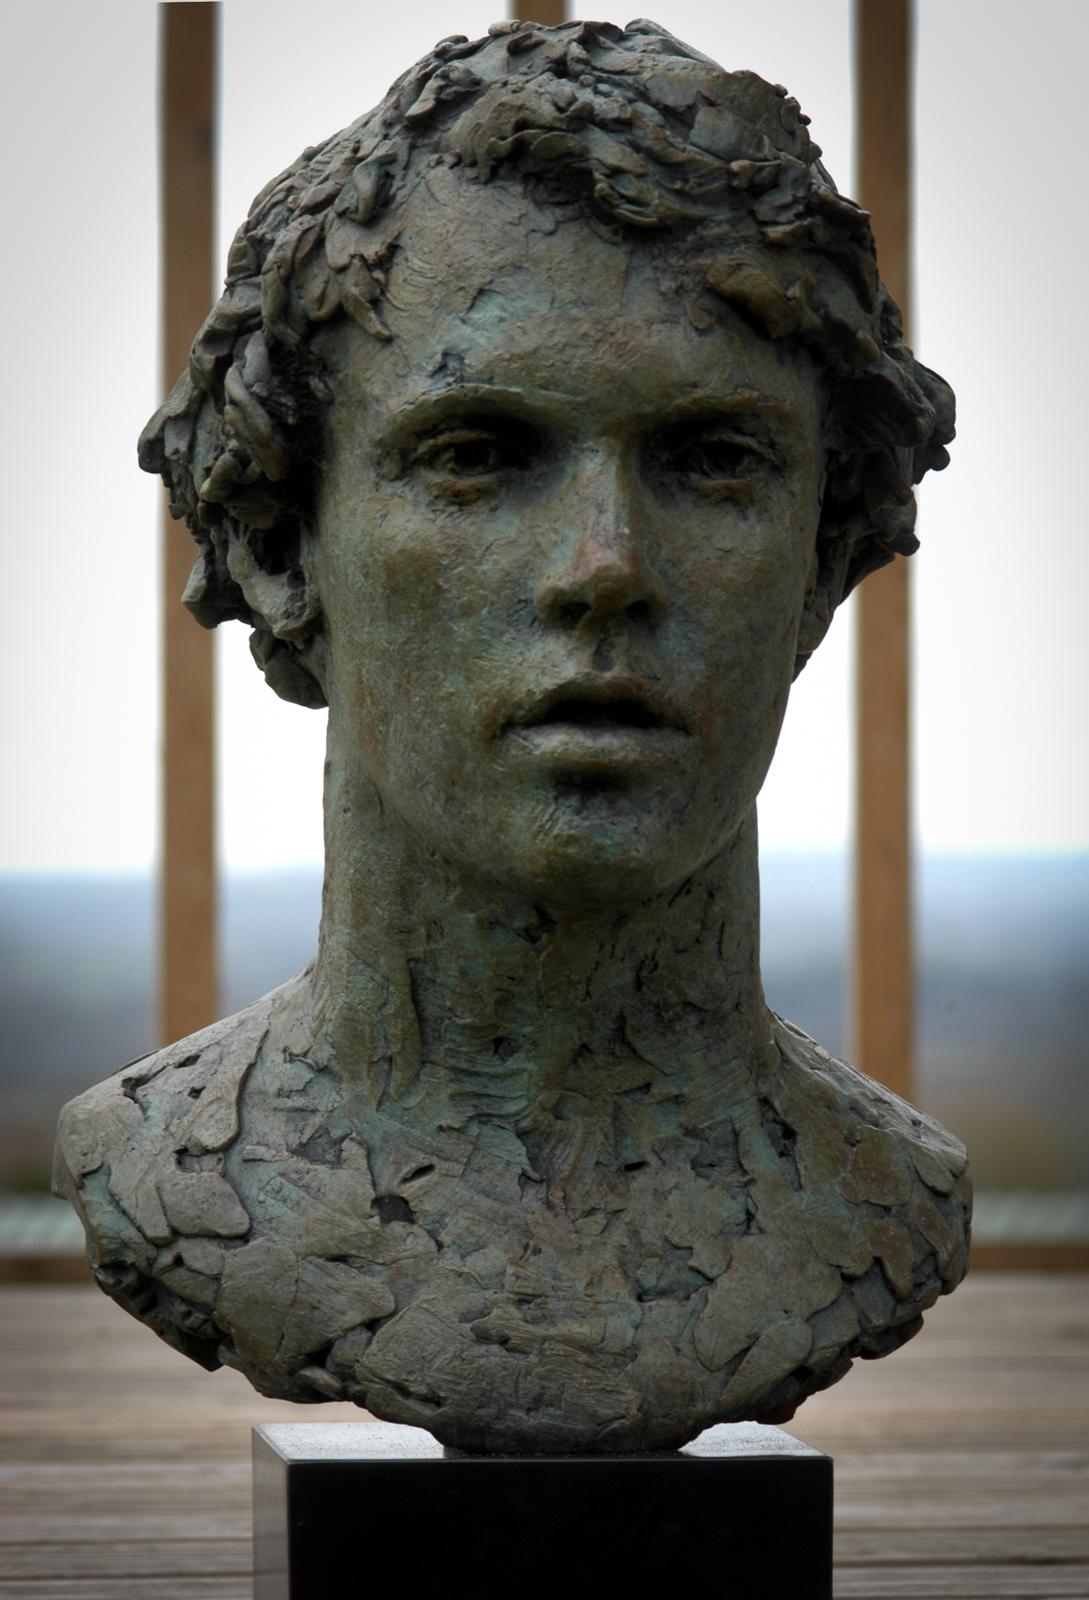 Portrait sculpture - men